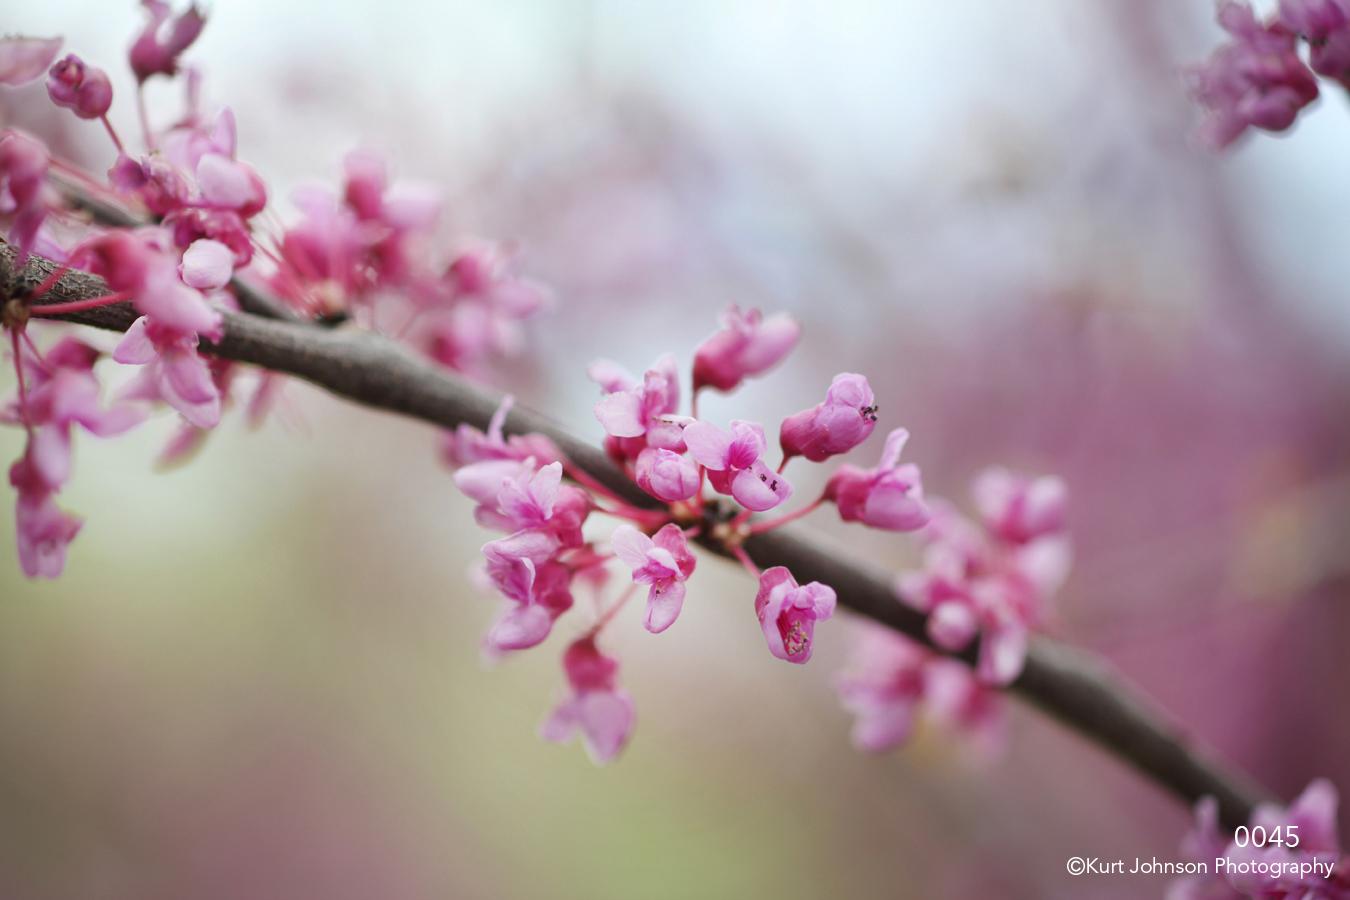 flower purple pink flowering tree branch buds spring